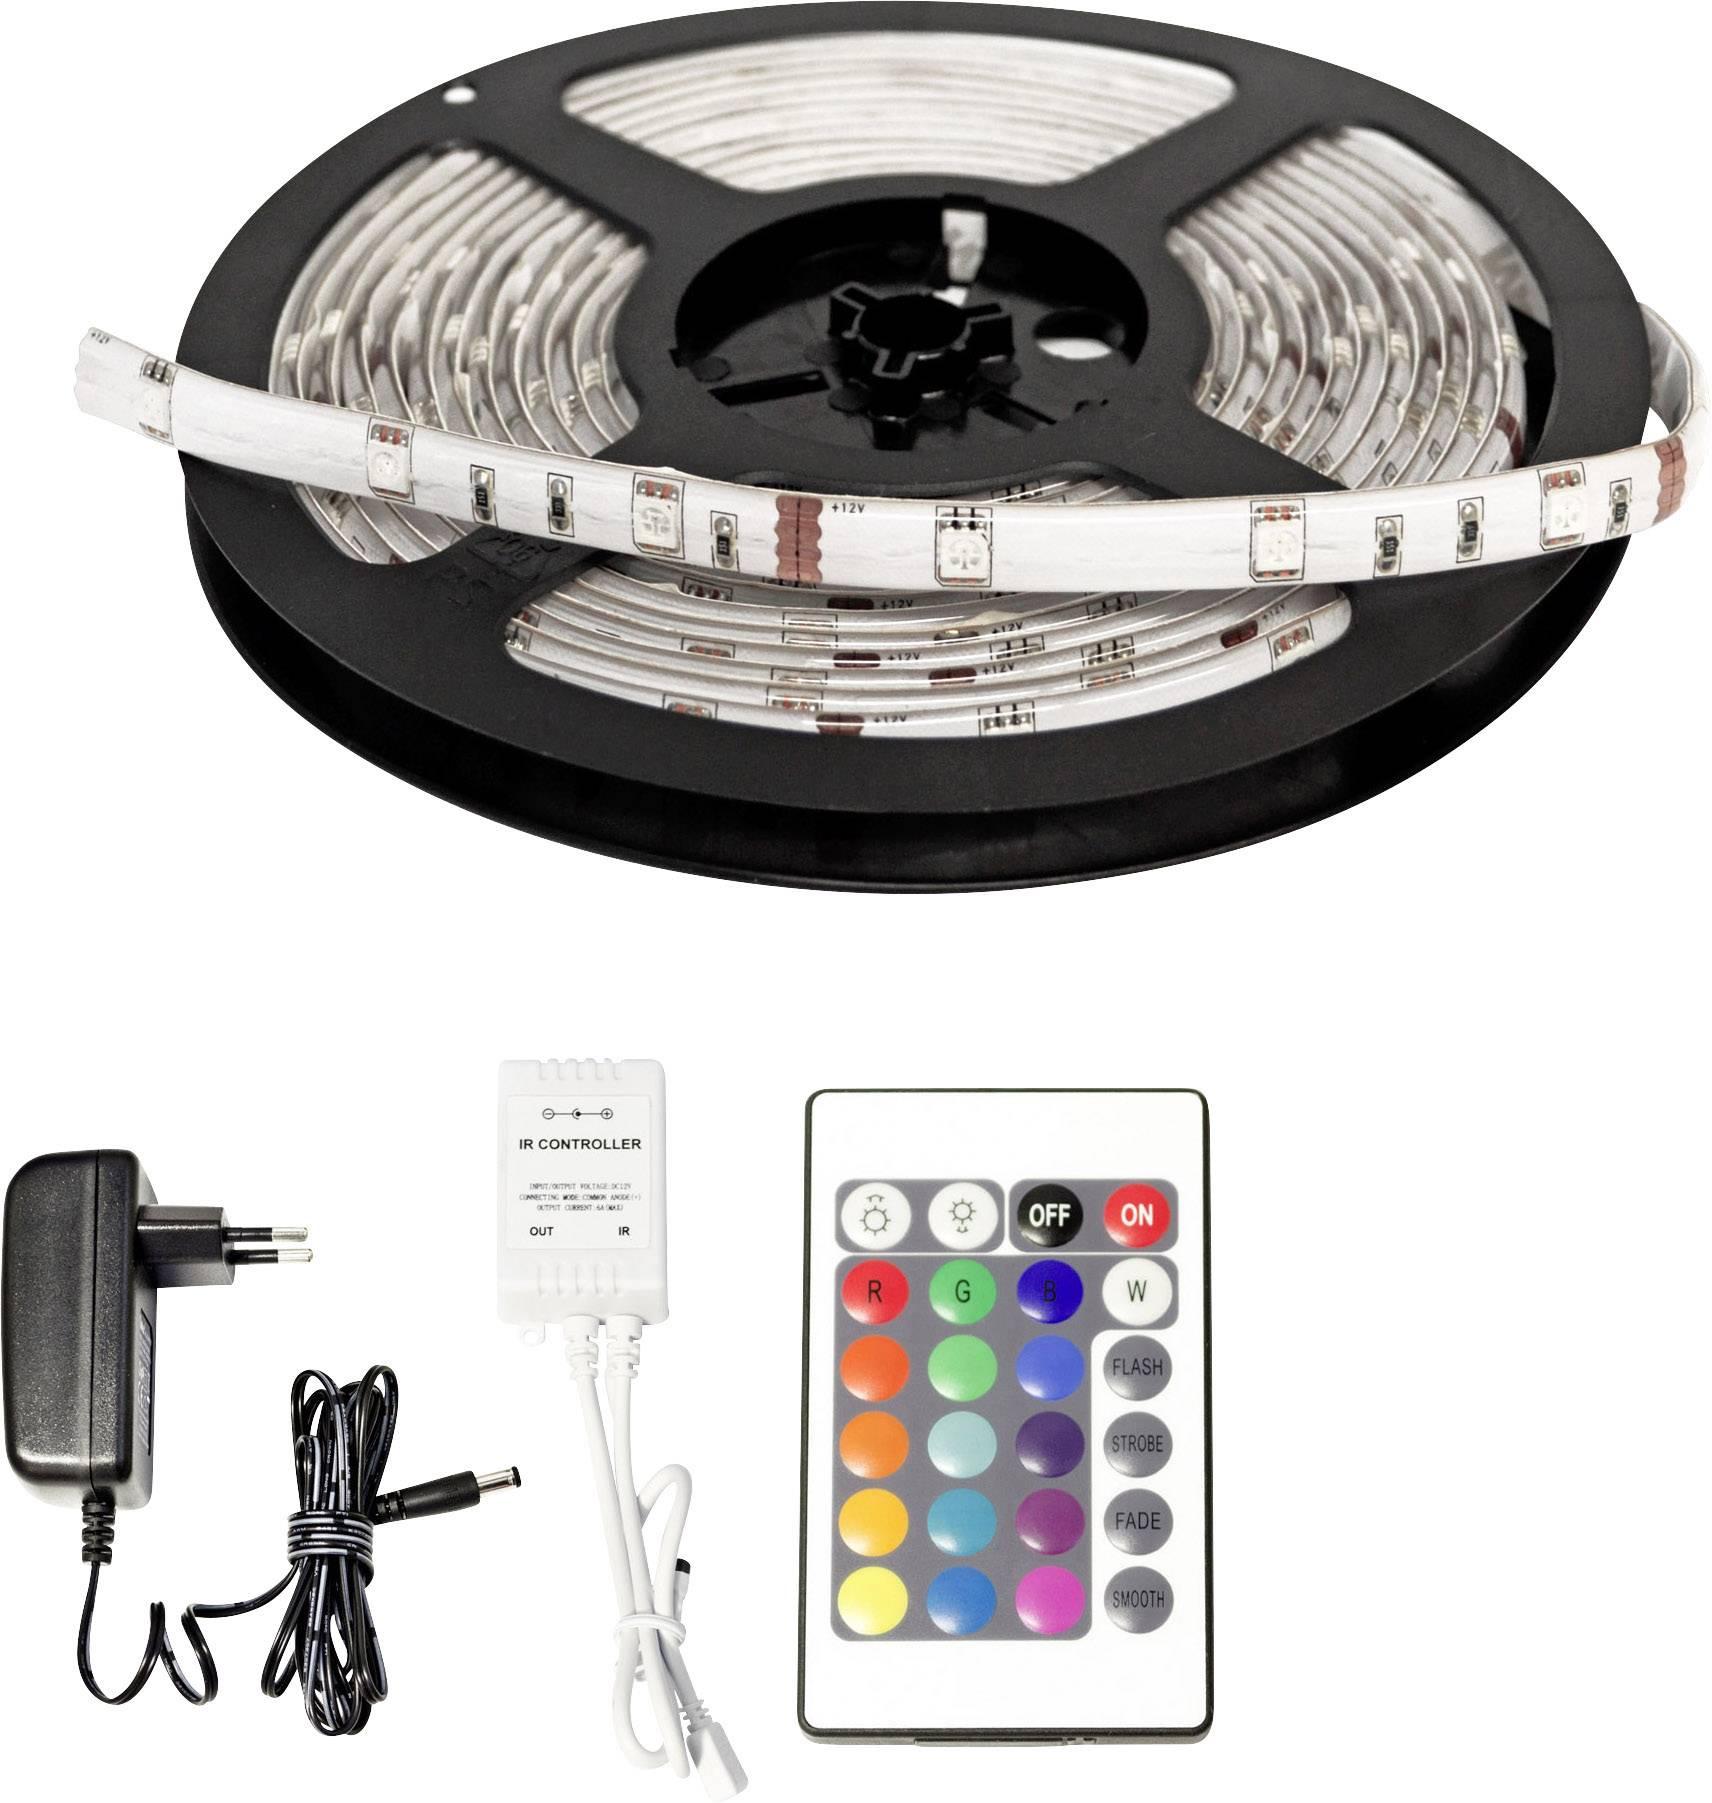 Großartig LED-Streifen & Zubehör online kaufen » conrad.de FT14